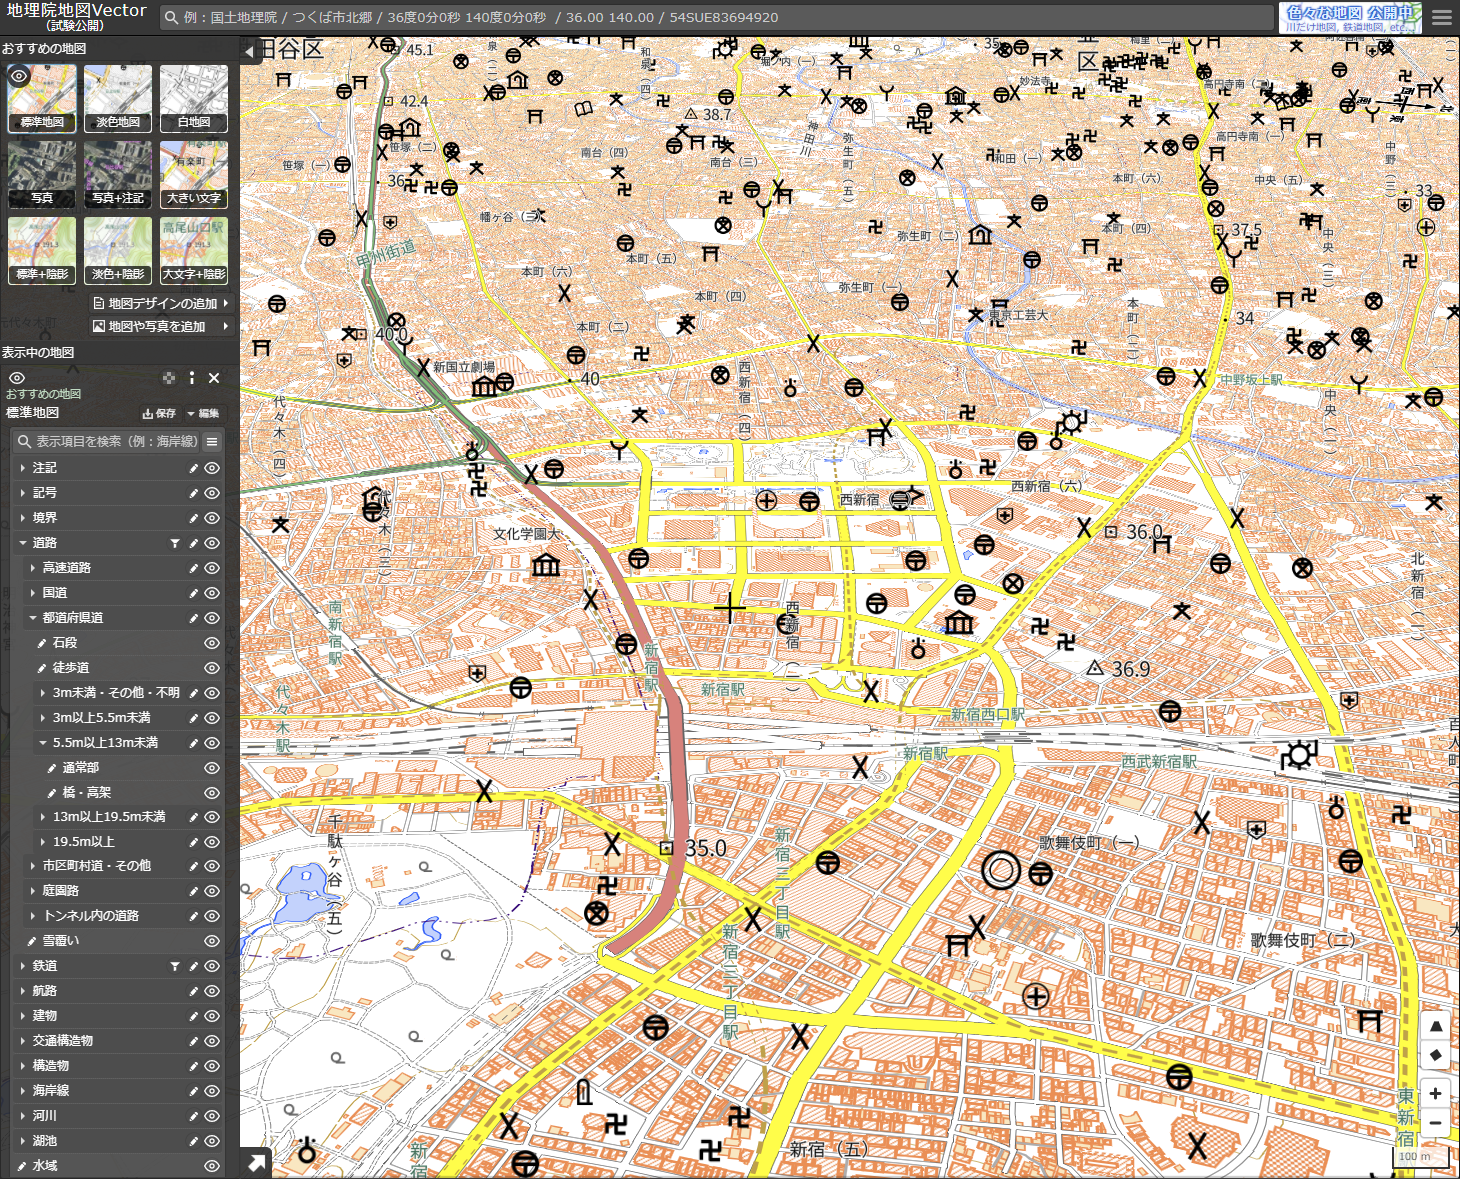 地図画面を回転可能夏休みの自由研究におすすめな国土地理院「地理院地図Vector」の地図回転表示画面